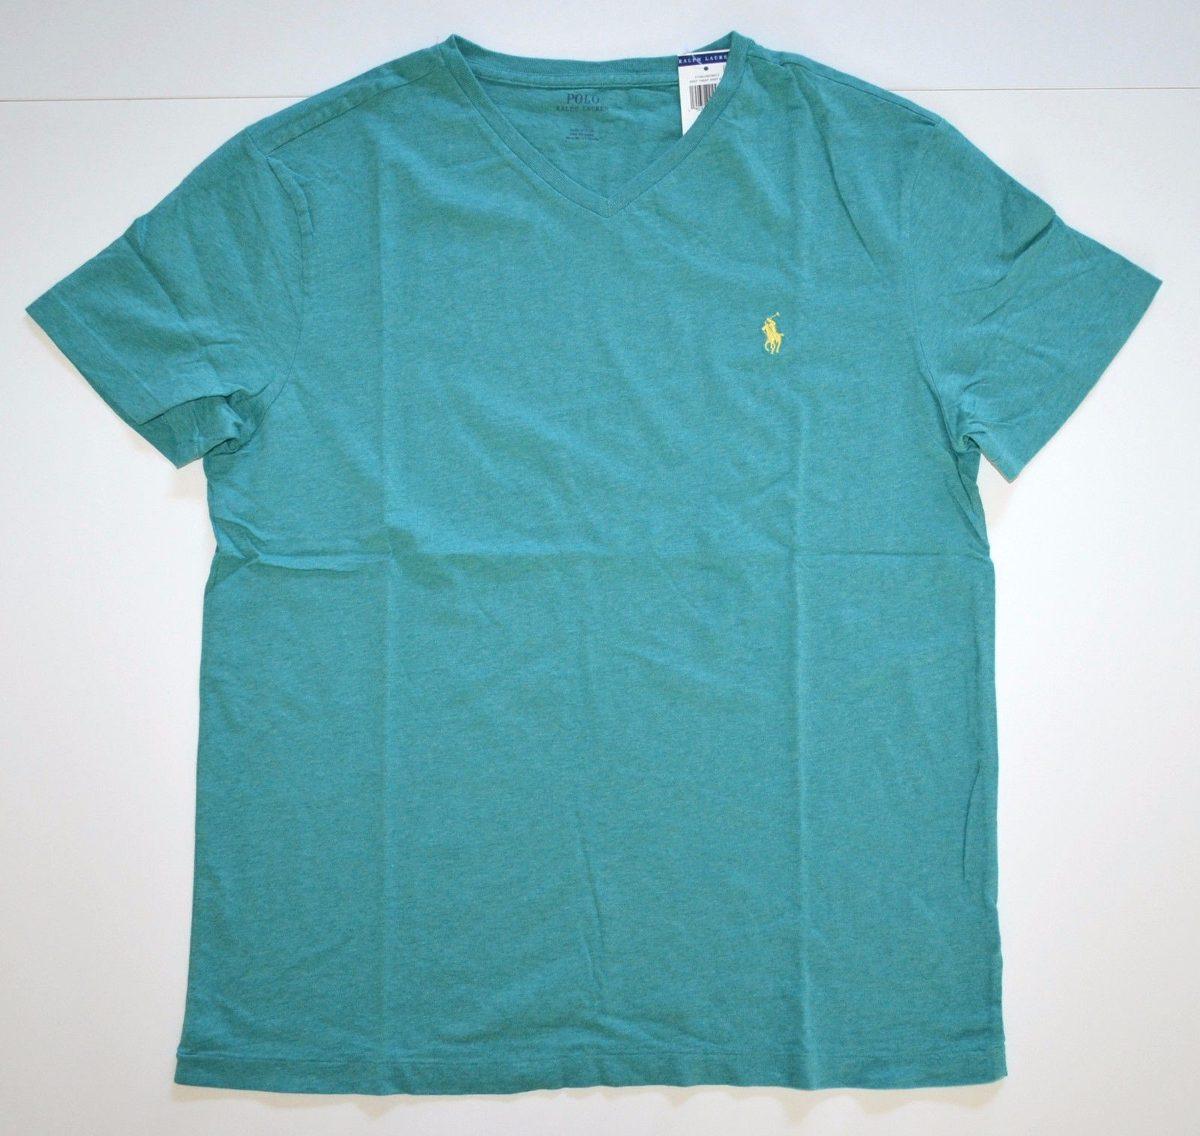 e432a090f4 Carregando zoom. d267b29da5b453  camiseta básica polo ralph lauren tamanho  gg xl original. Carregando zoom. aa2fdd1f51b0b7 ...